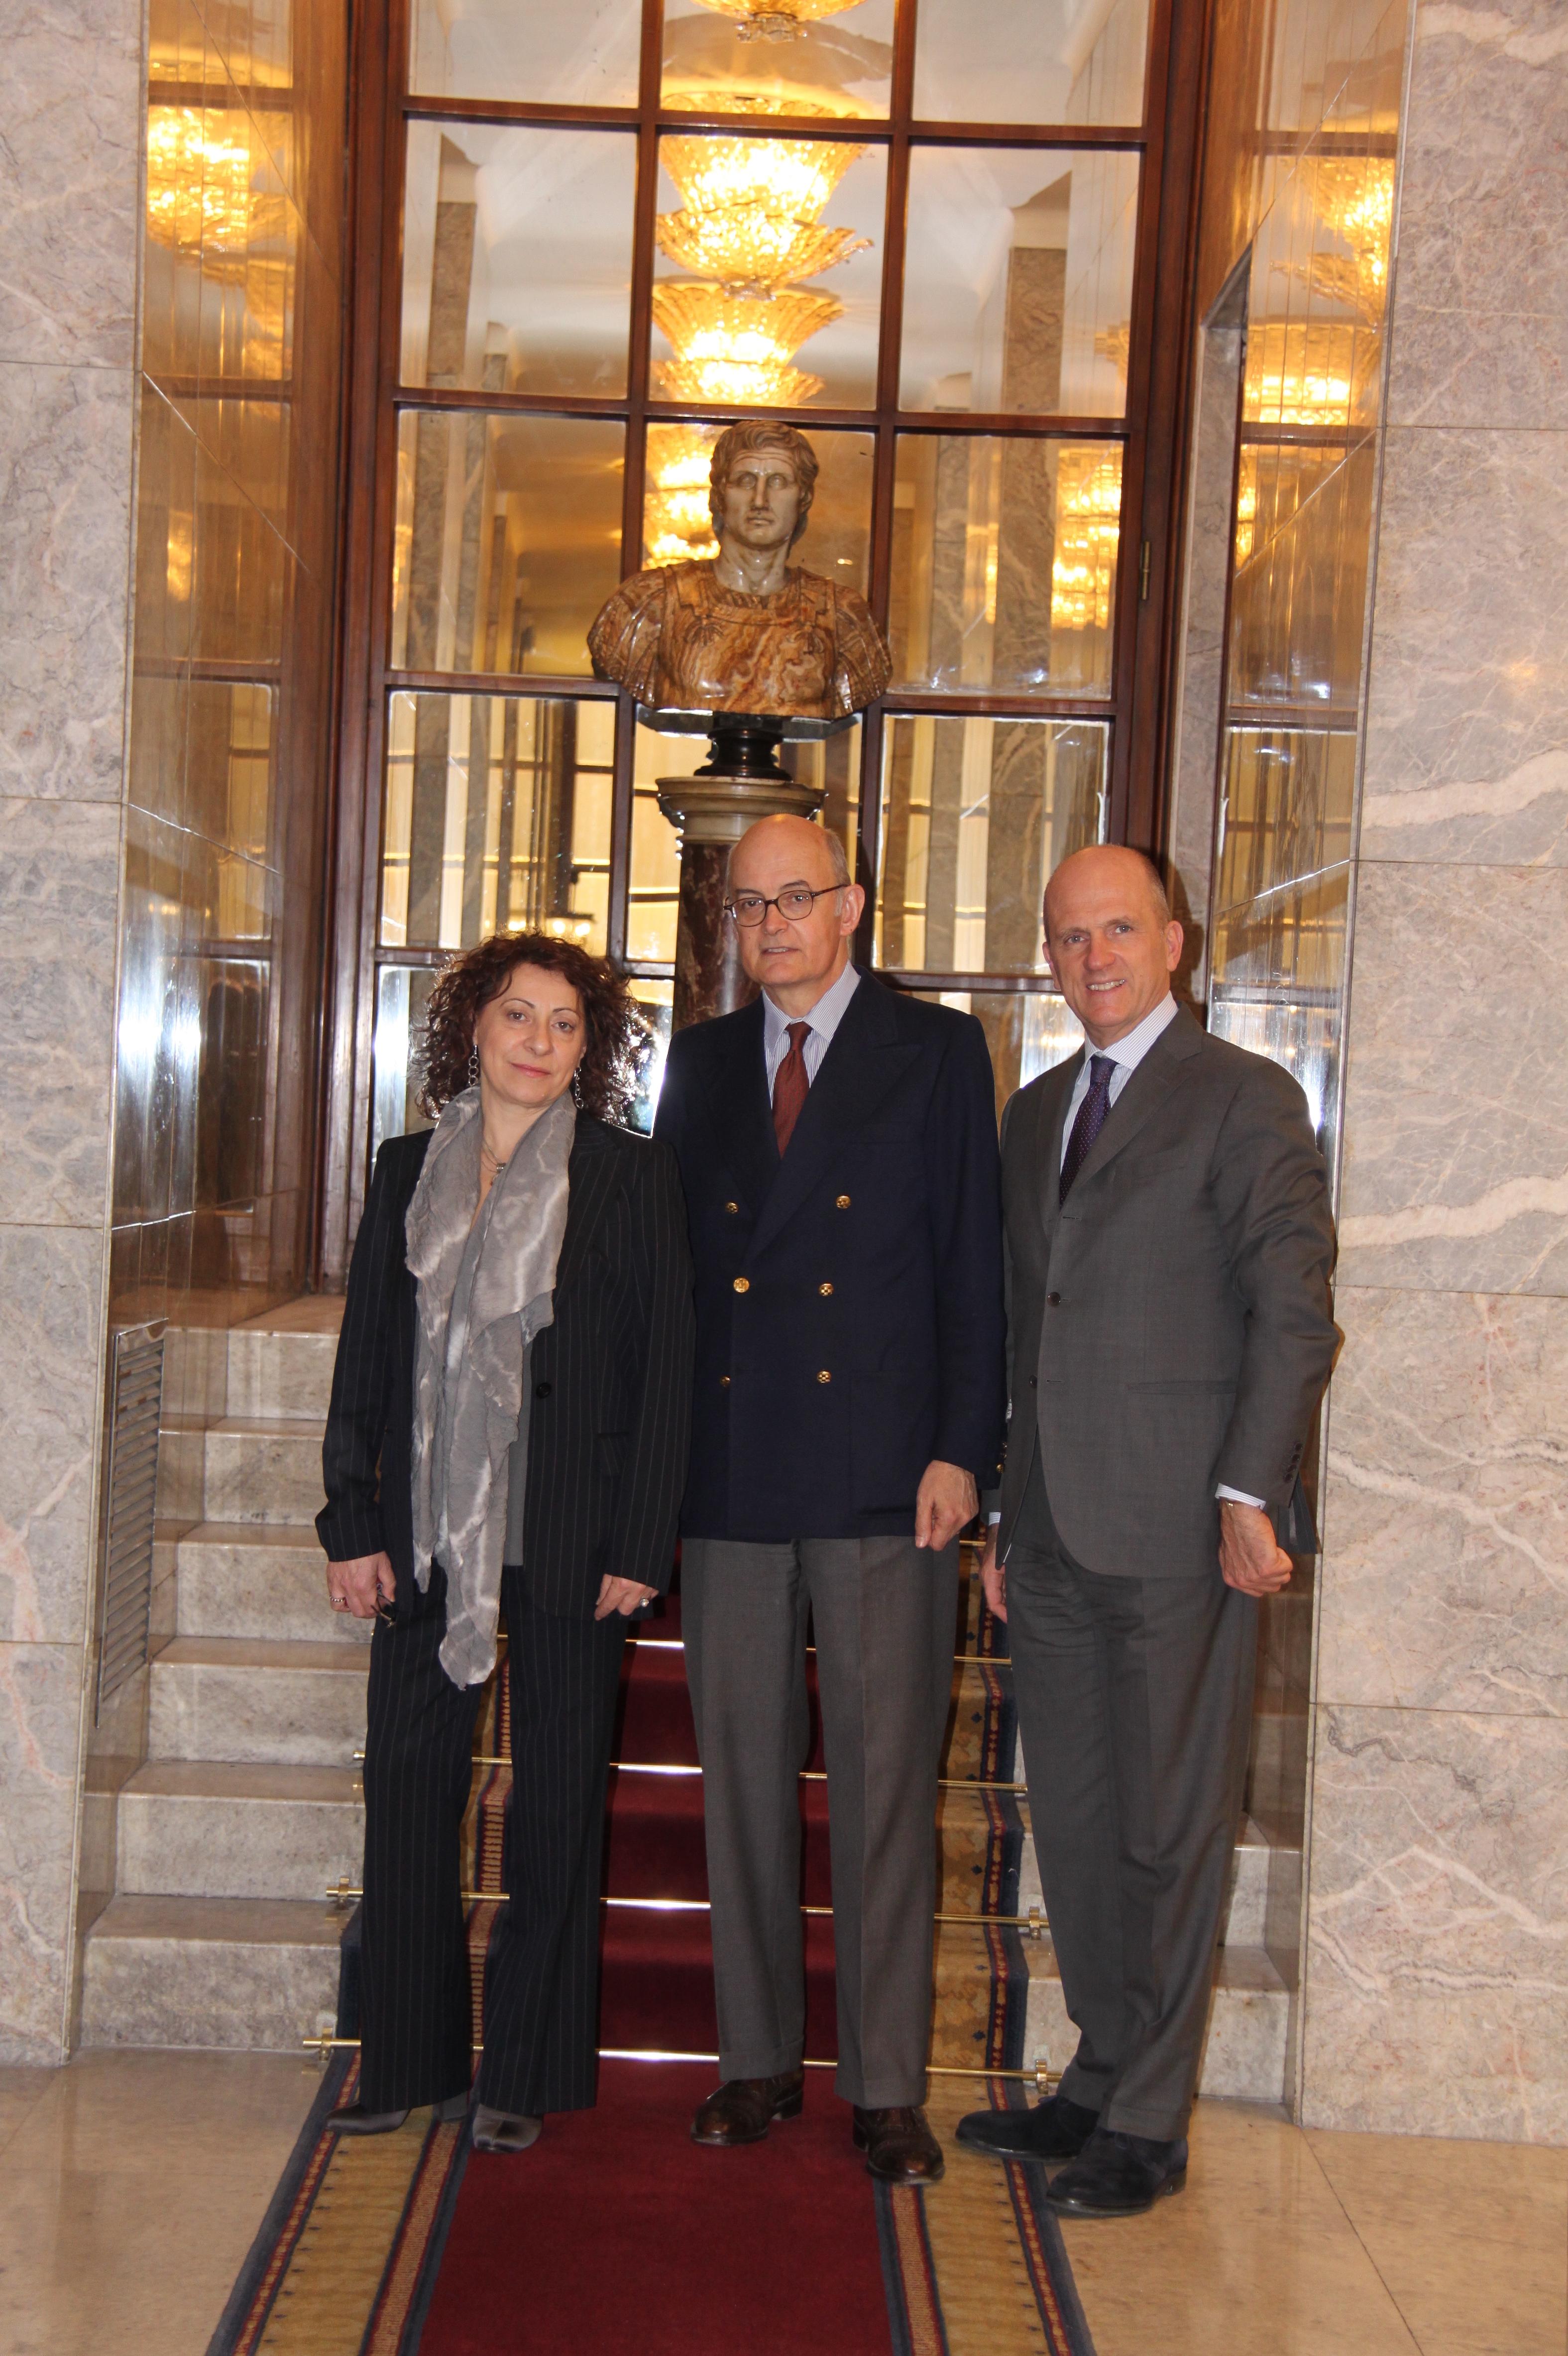 Bettoja Hotels: Daniela Baldelli, Maurizio Bettoja (Presidente), Ciro Verrocchi